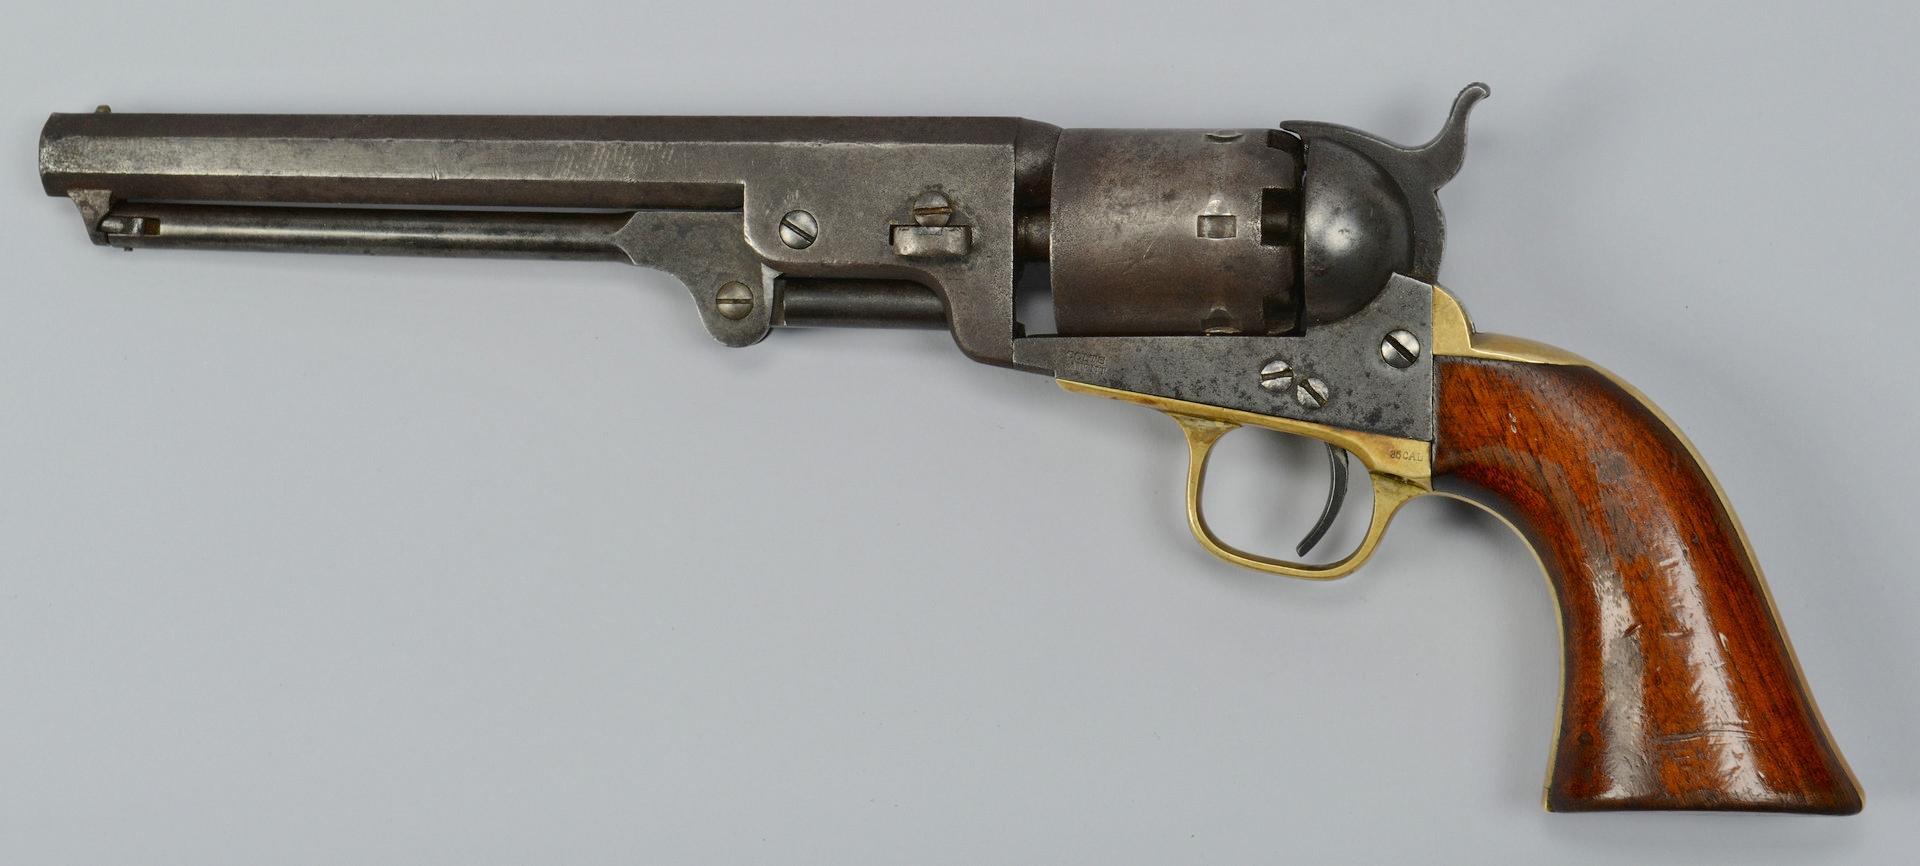 Lot 112: Colt Model 1851 Navy Revolver